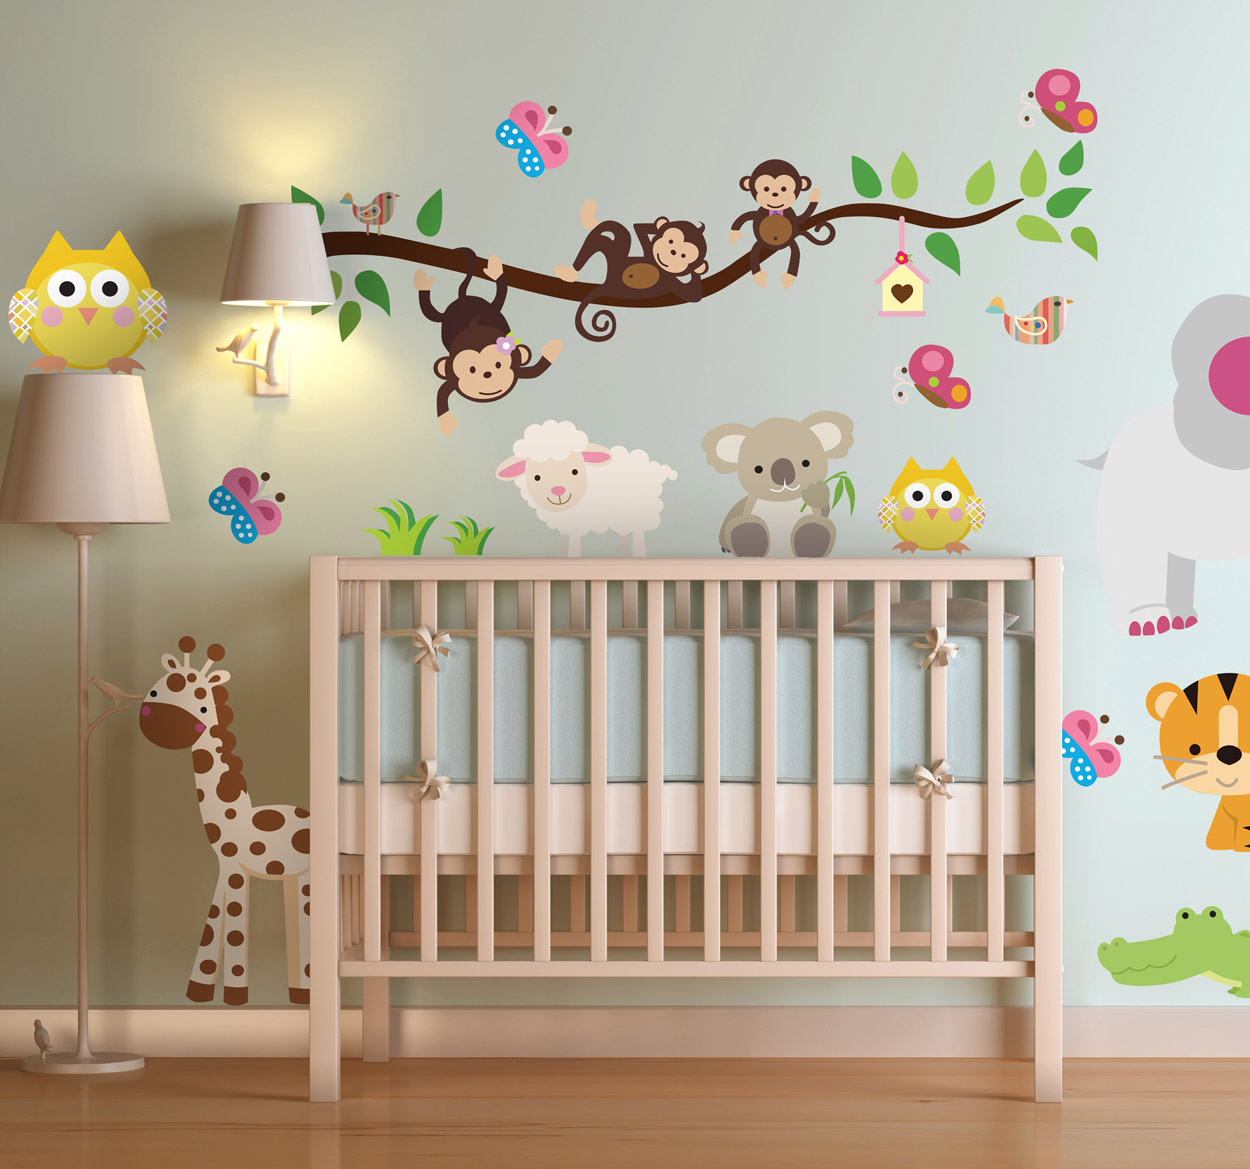 Cool adesivi murali bambini idee per decorare with - Decorare cameretta neonato ...